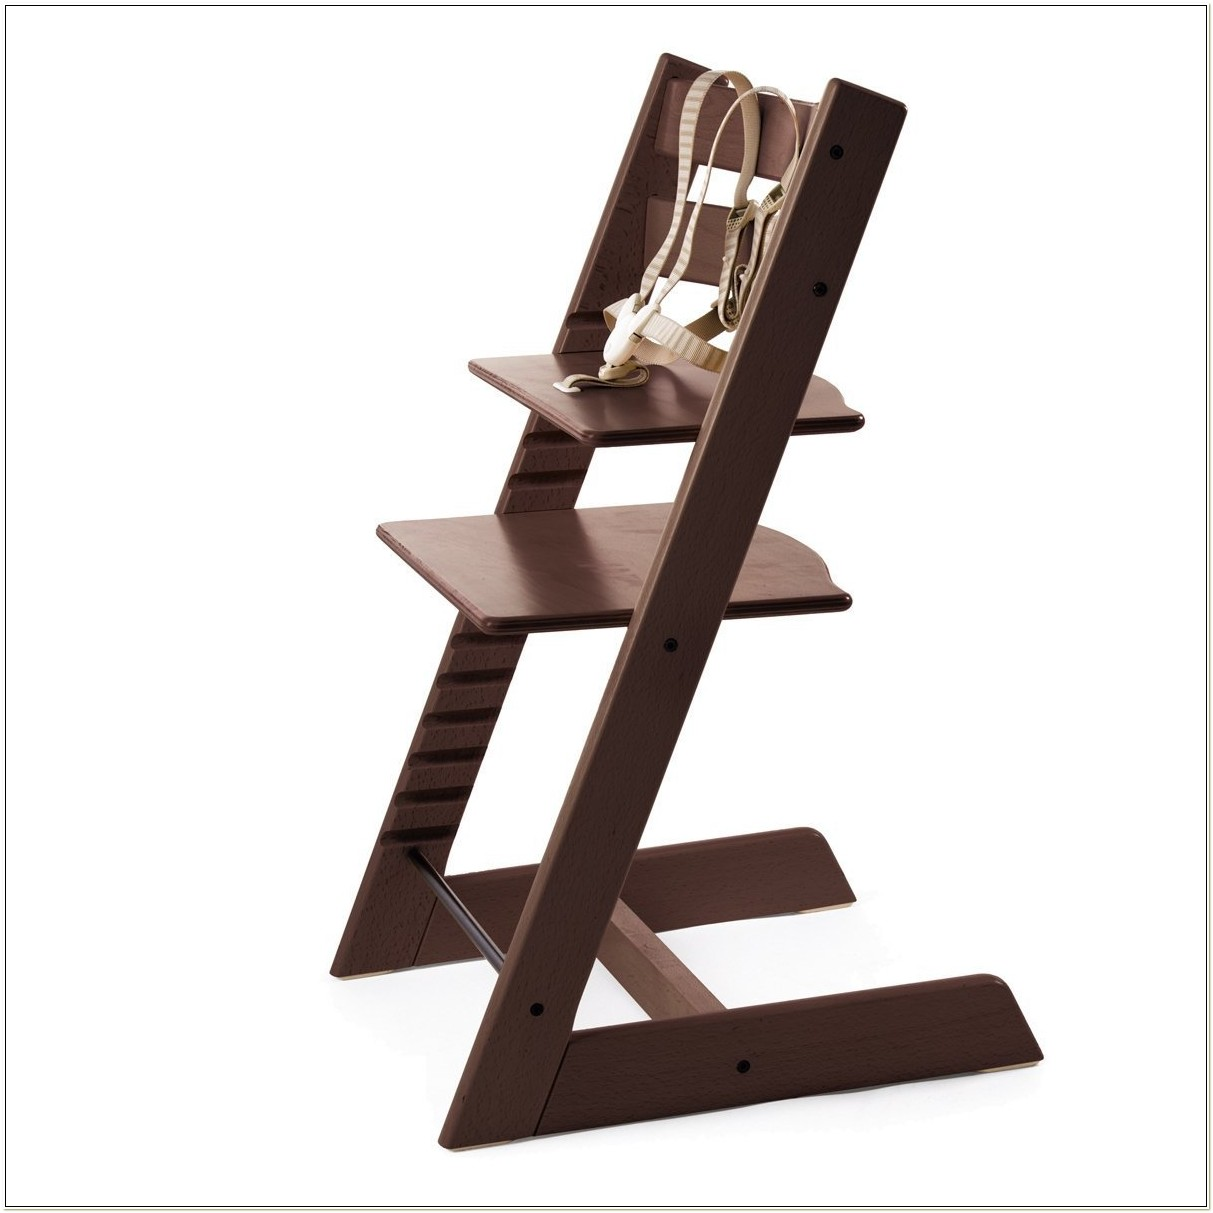 Harga High Chair Tripp Trapp